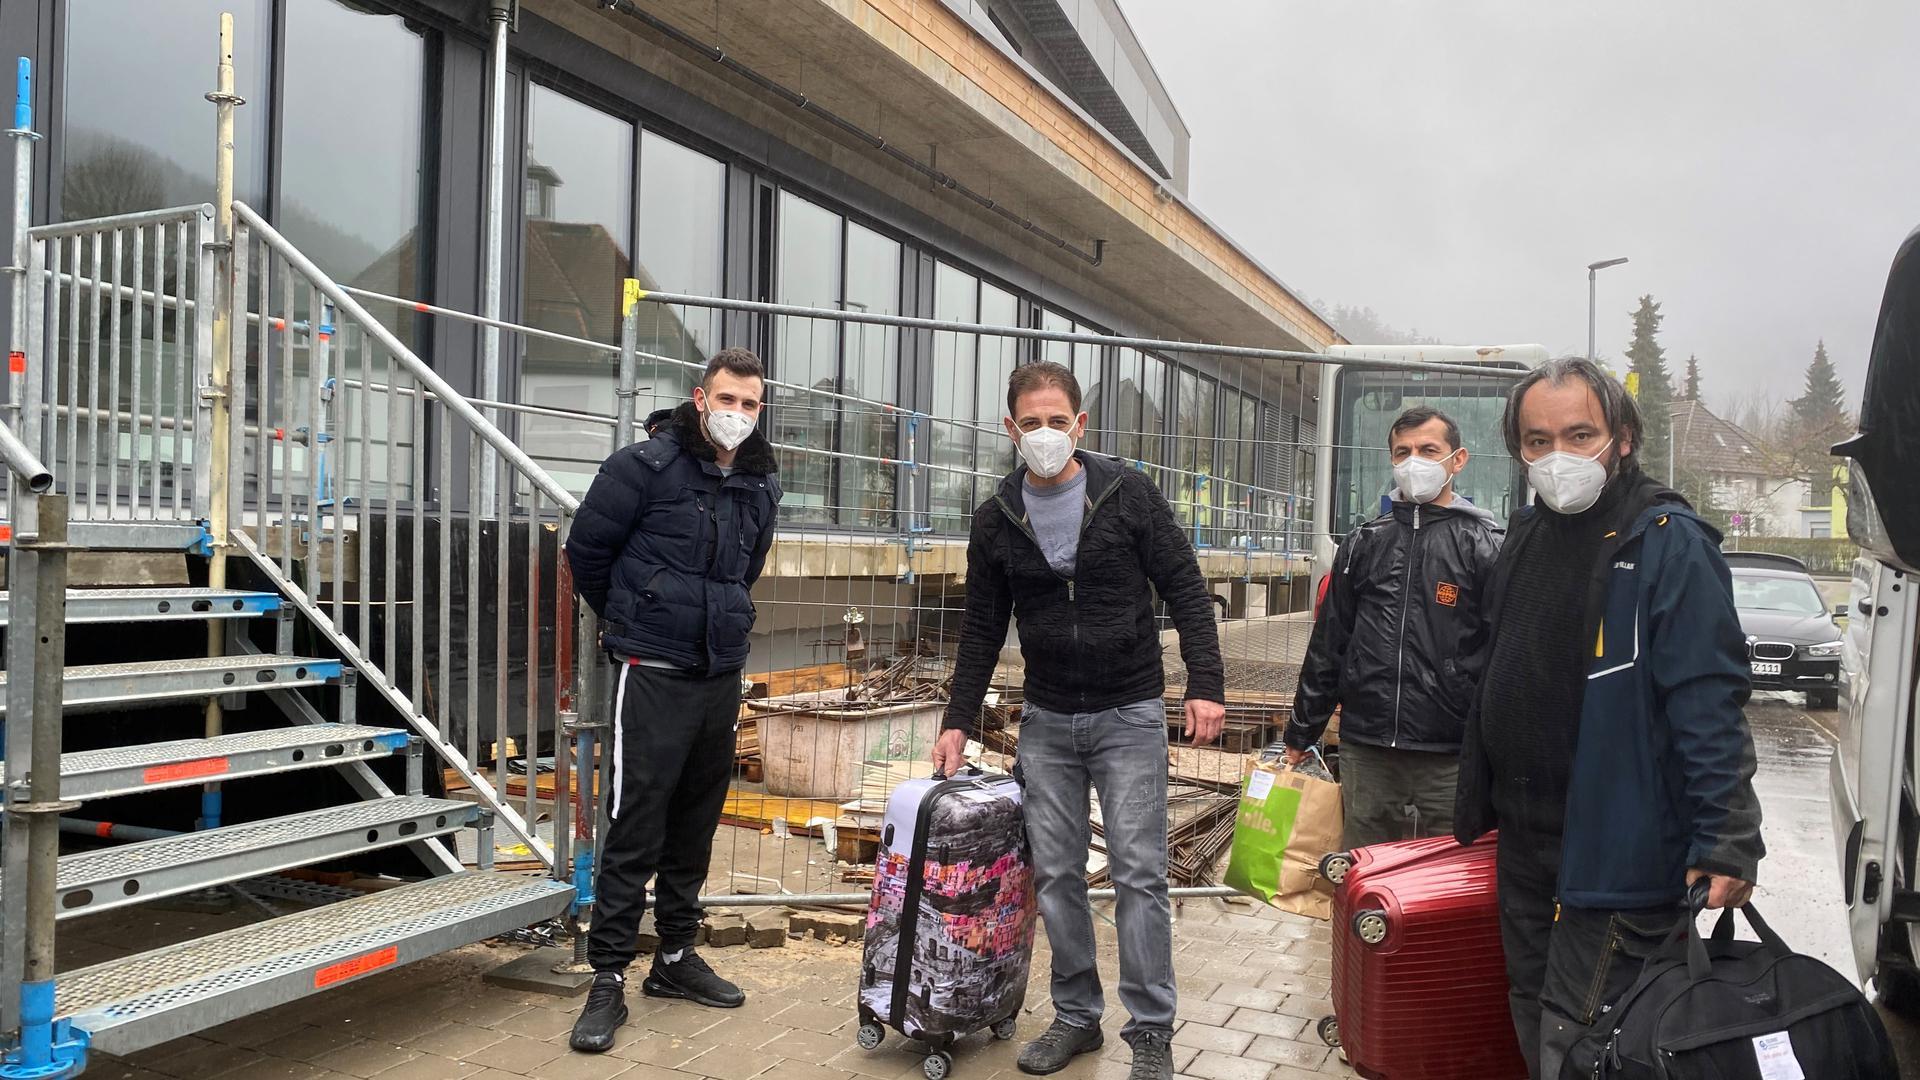 Männer mit Mund-Nase-Schutz und Koffern an Treppenaufgang